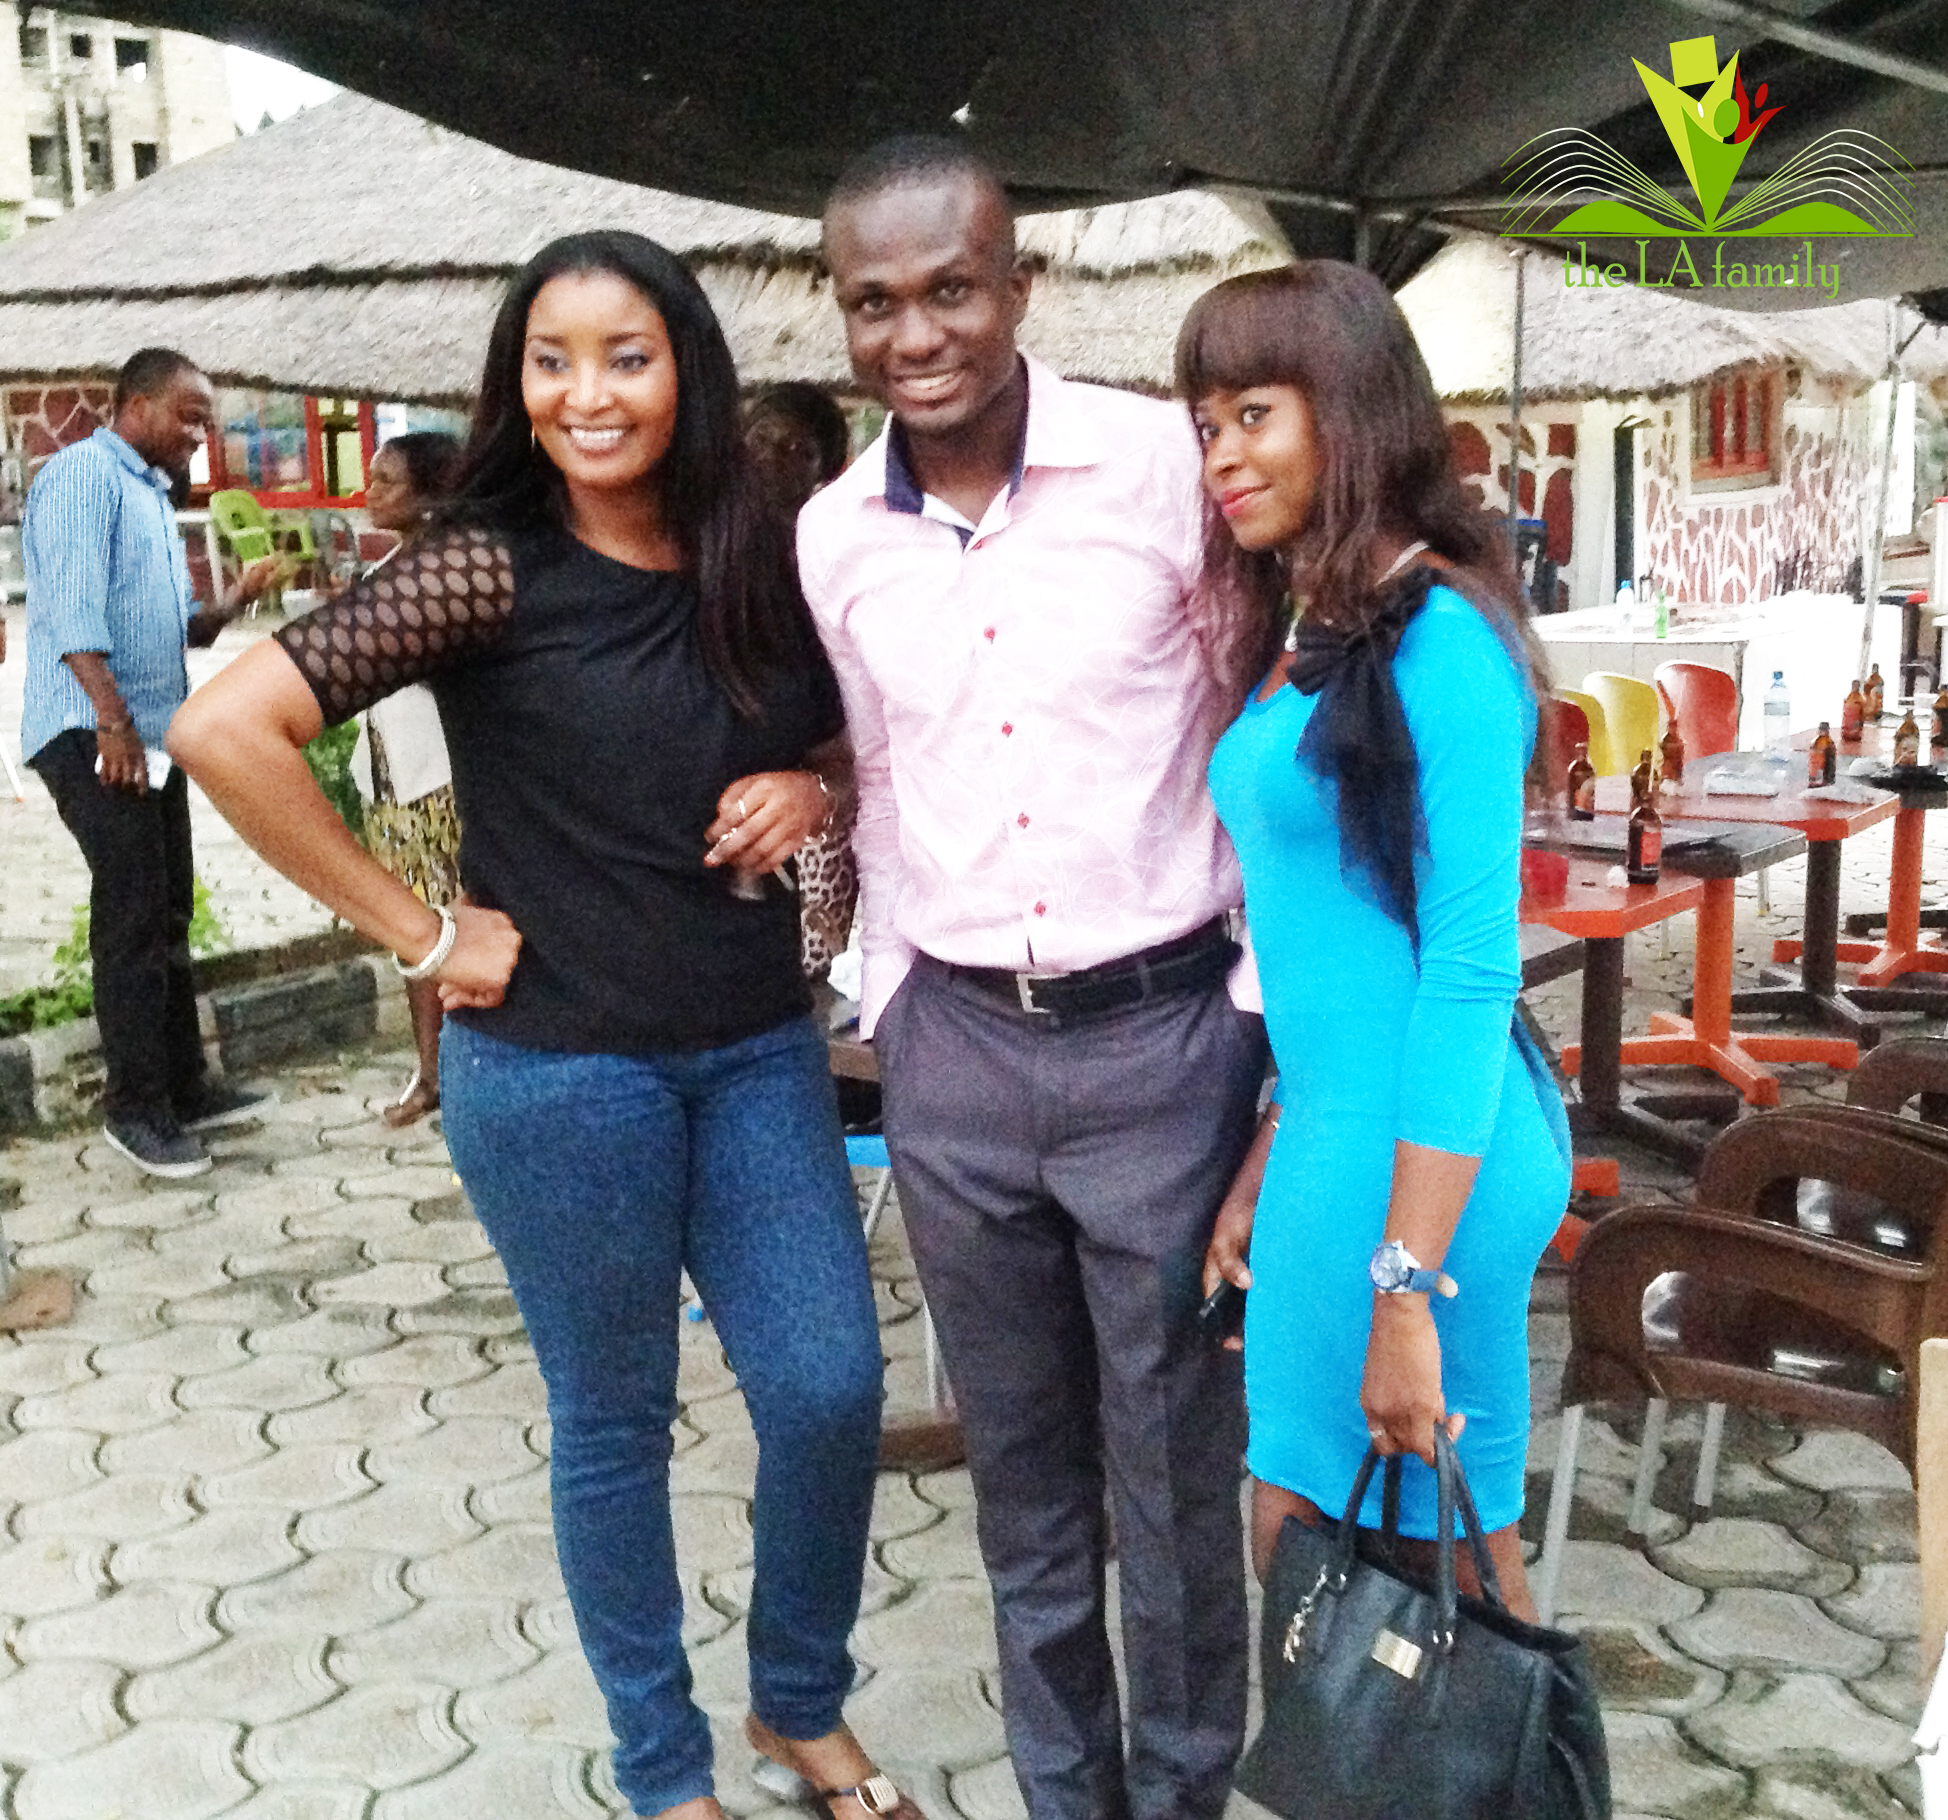 @thelafamily Abuja